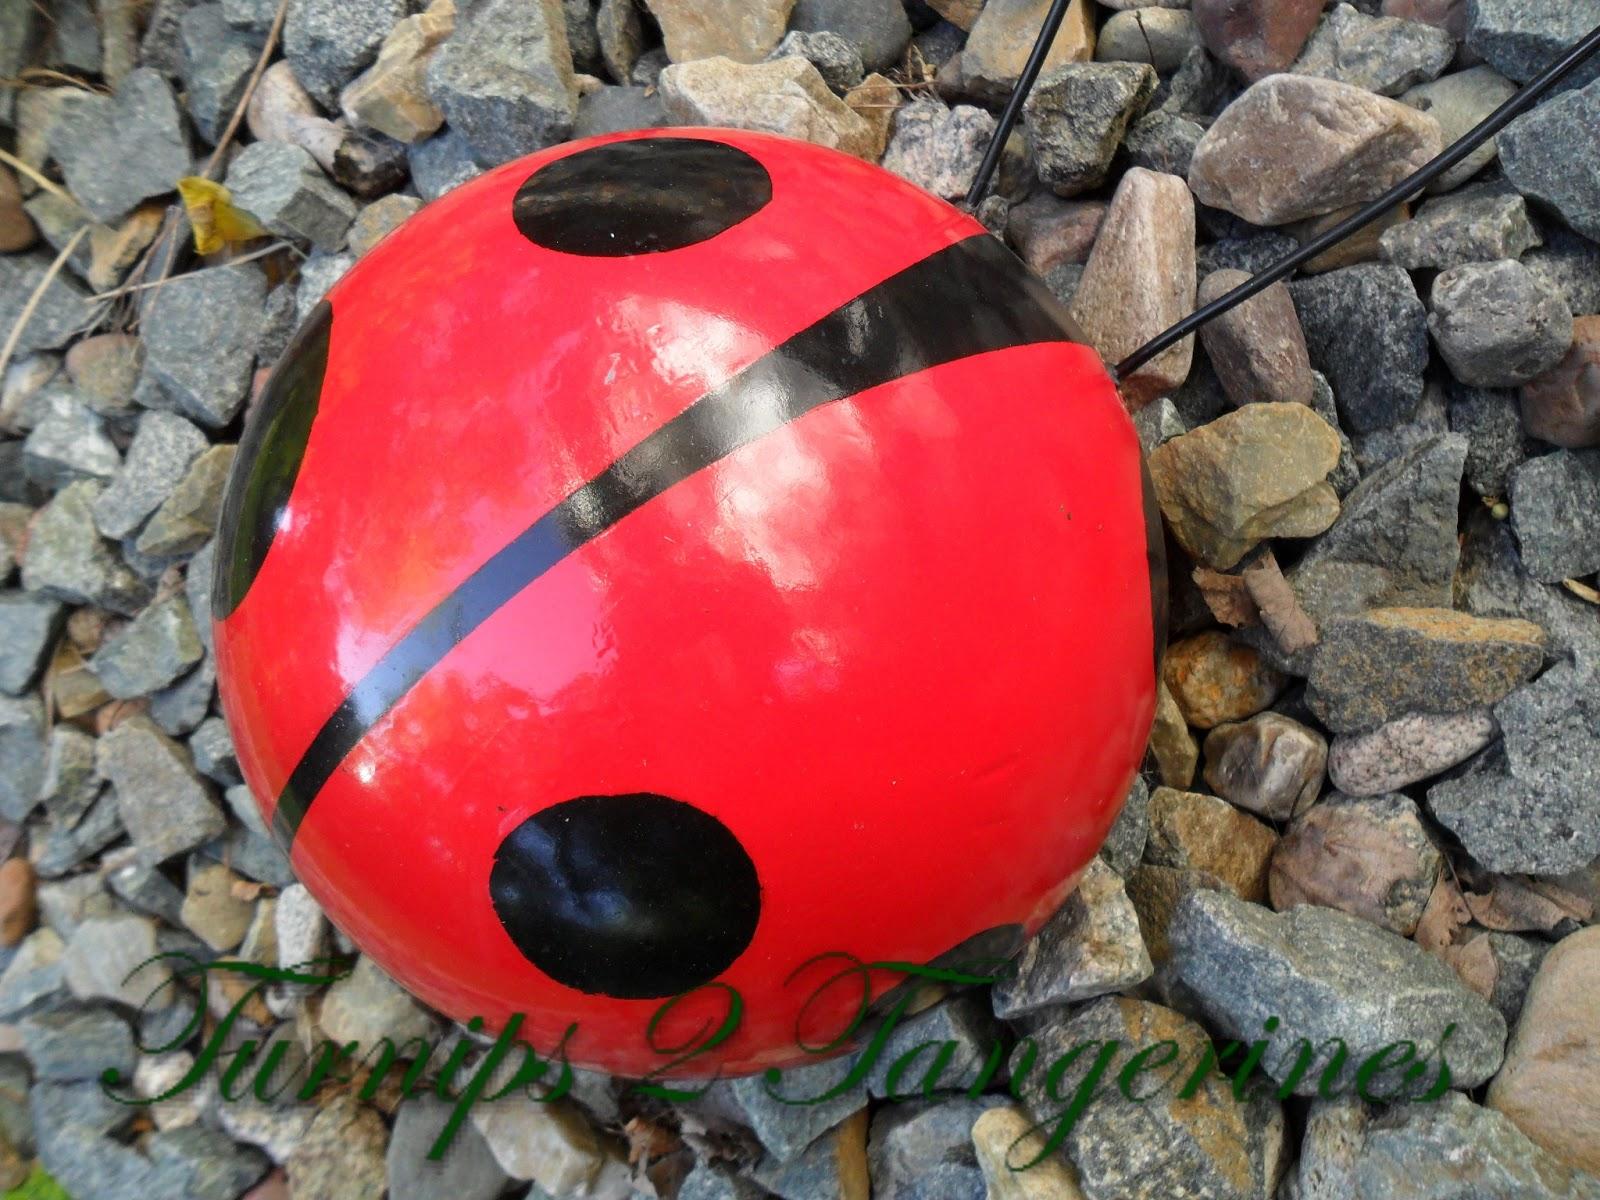 TENDENCIA: El arte de la bola de bolos proporciona la decoración caprichosa | Estilos de vida locales | siouxcityjournal.com